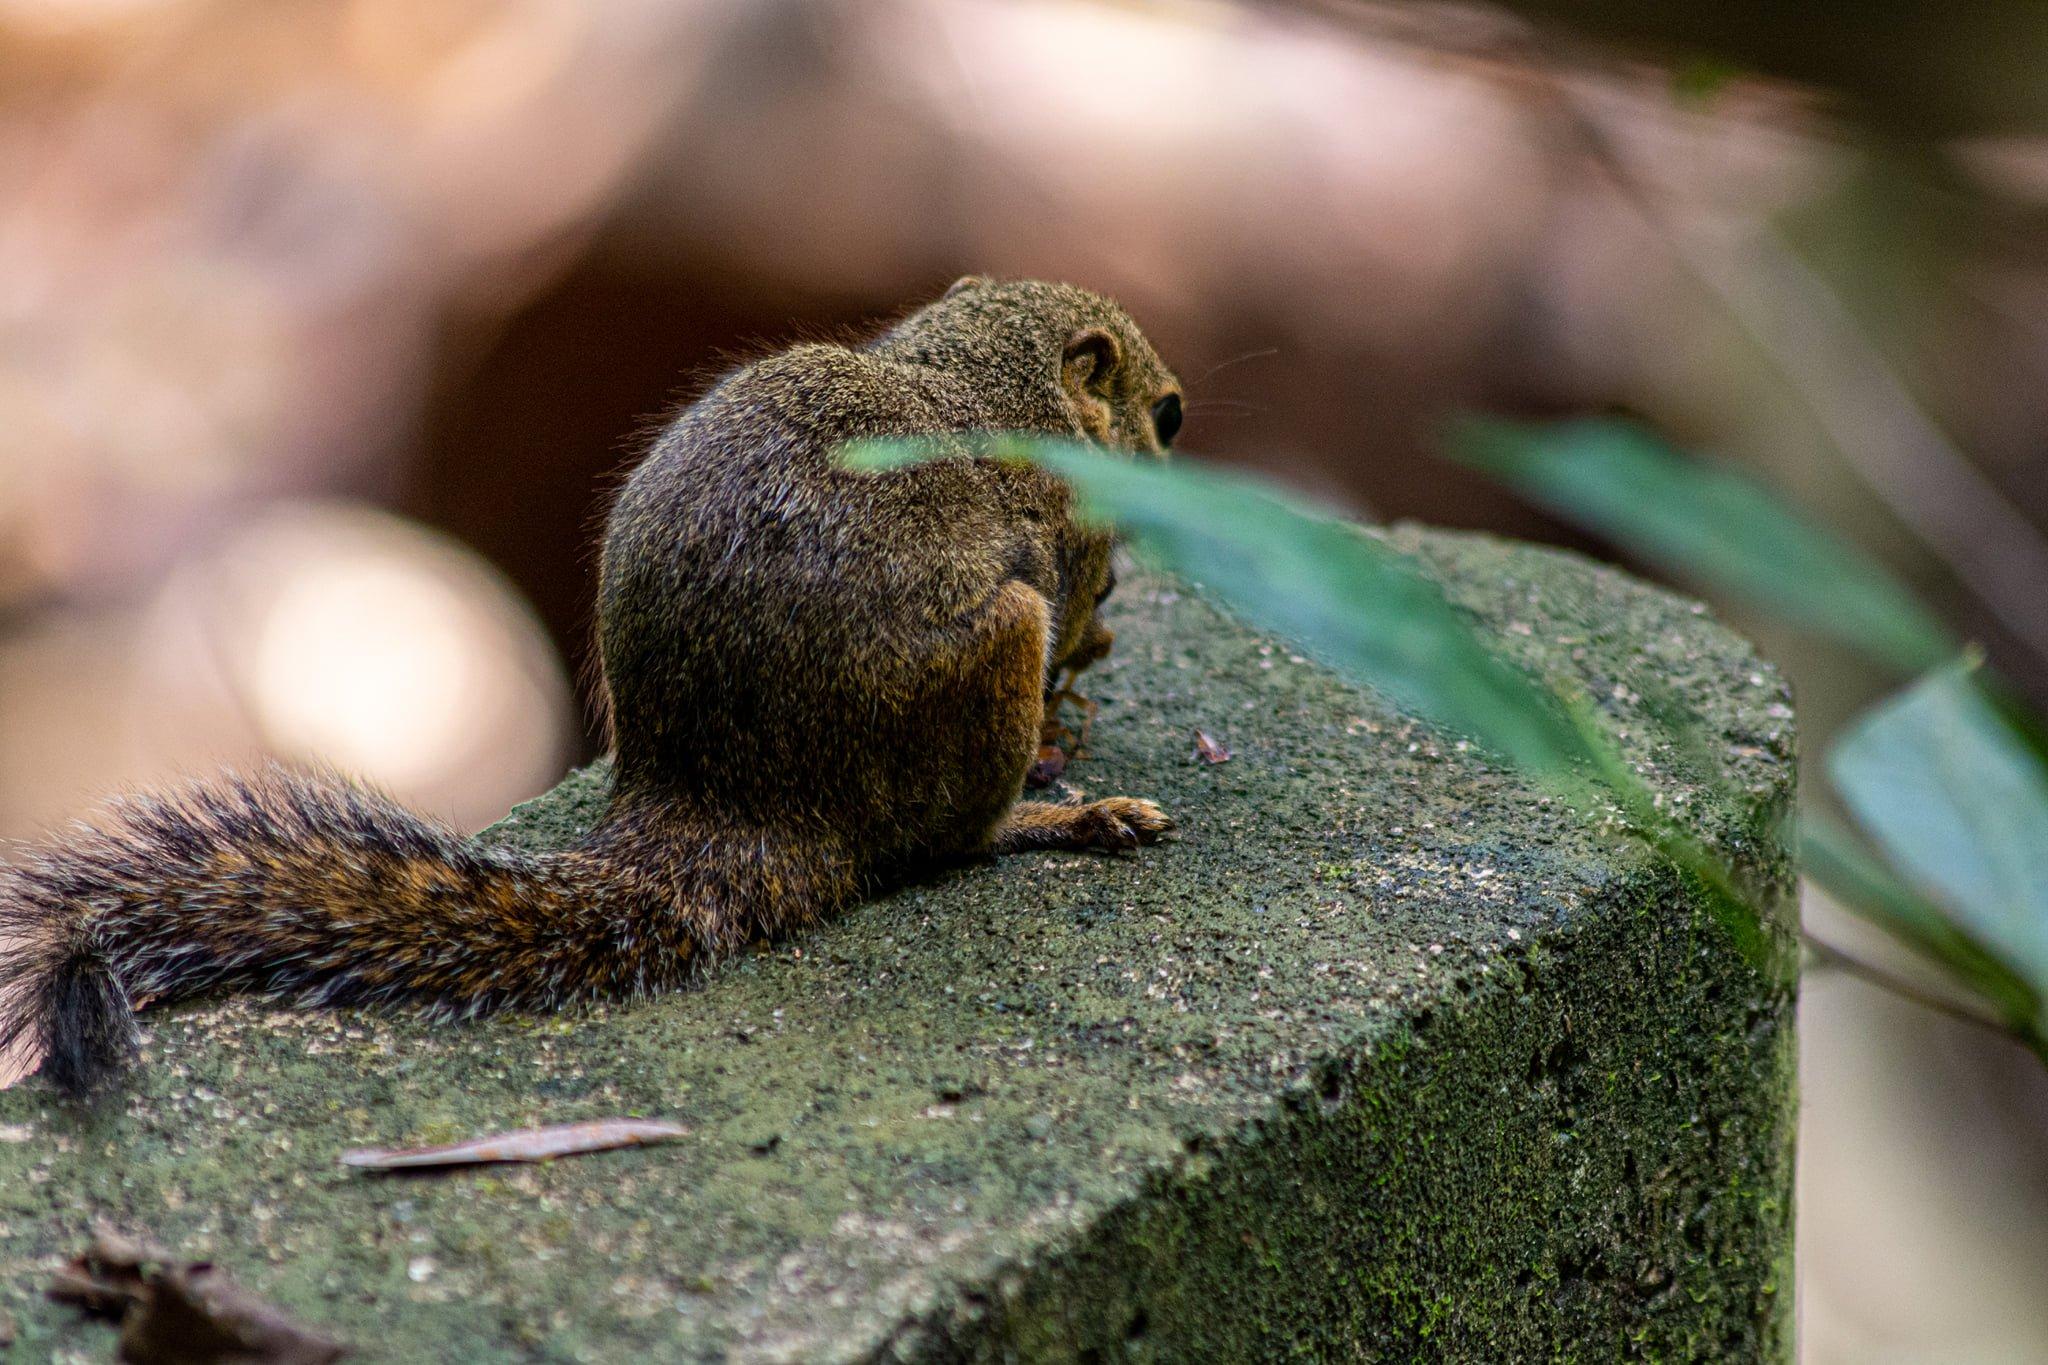 squirrel scorpion